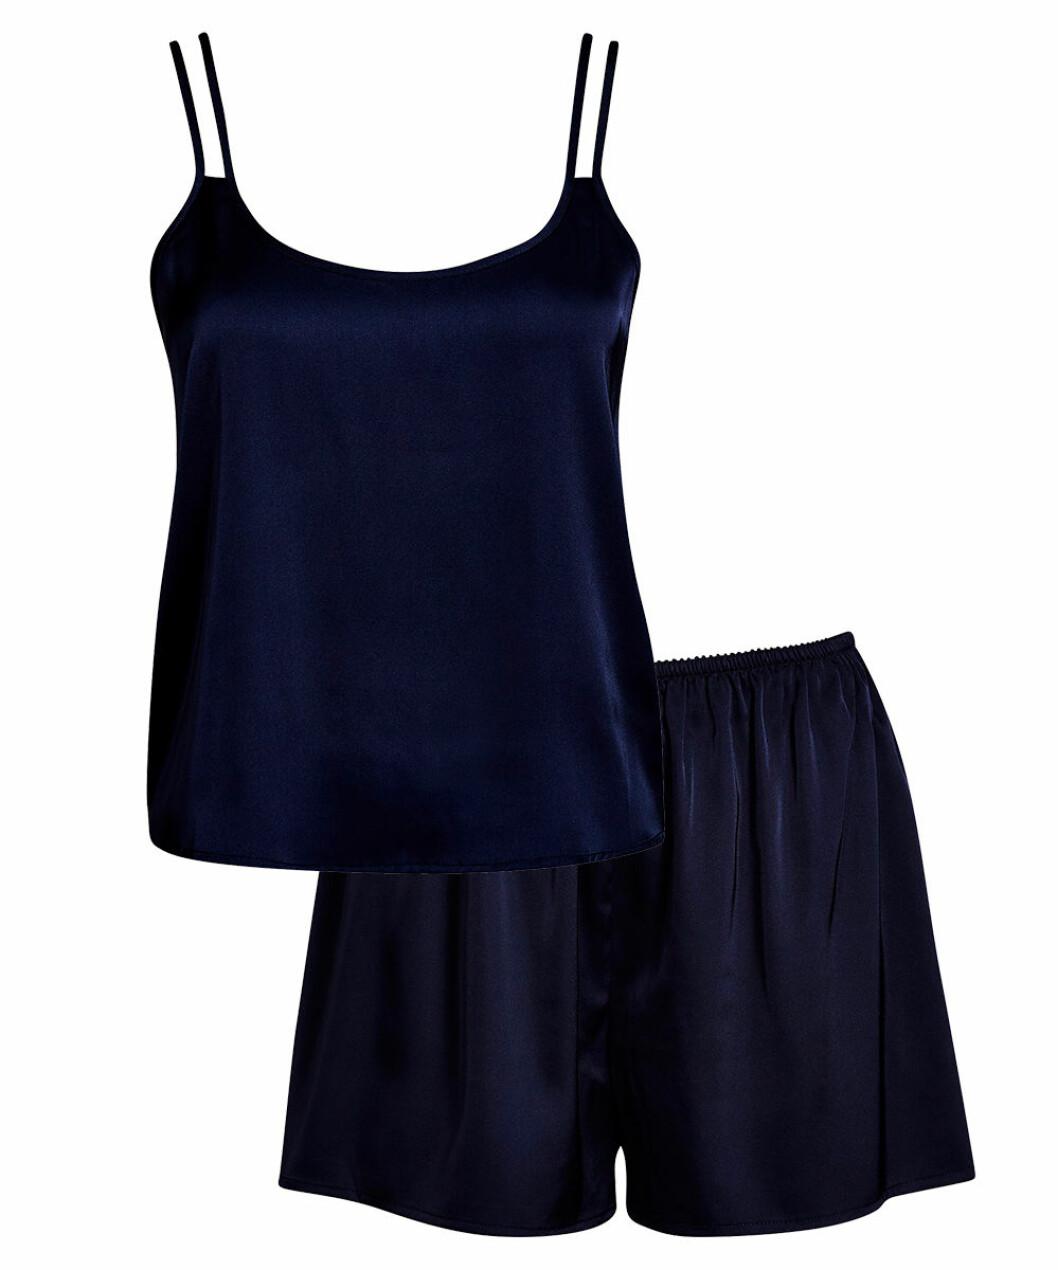 Blå pyjamas linne och shorts